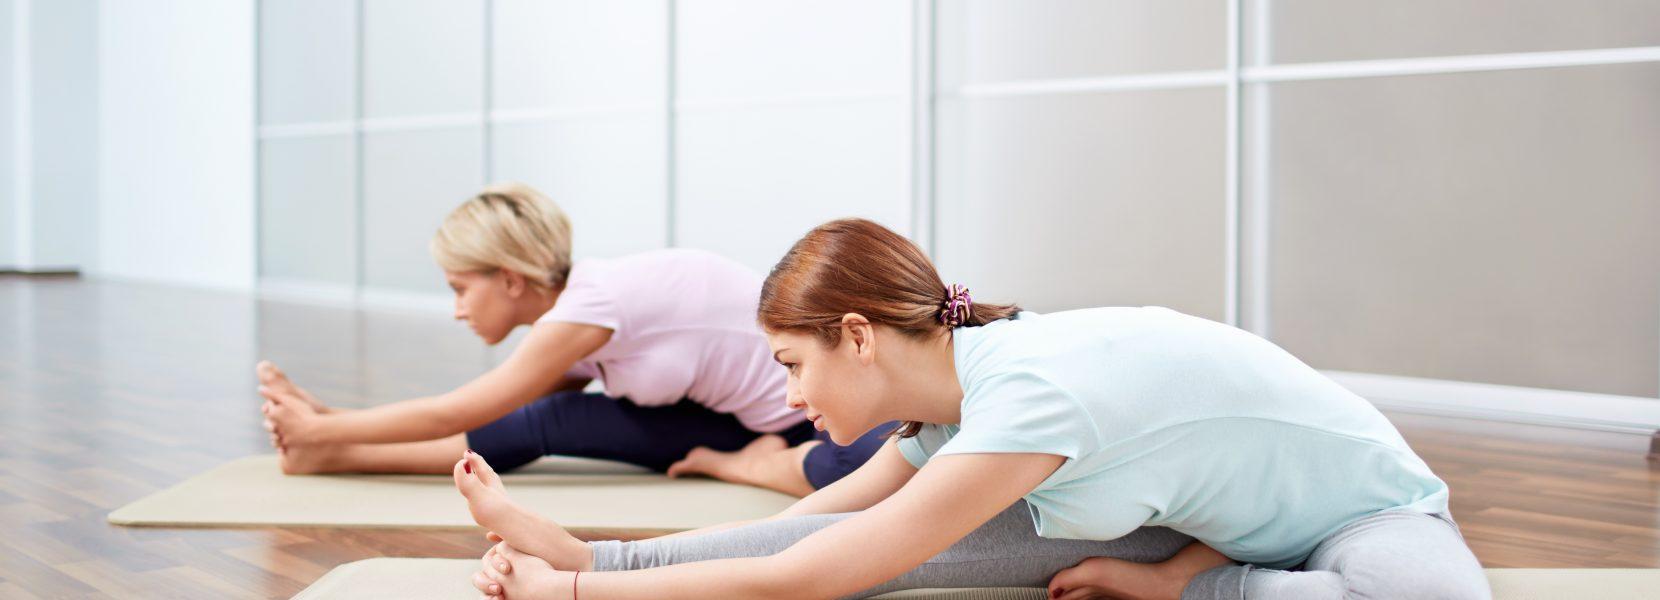 Yoga & Strömen: Yogaübungen auf neue Art kennen lernen